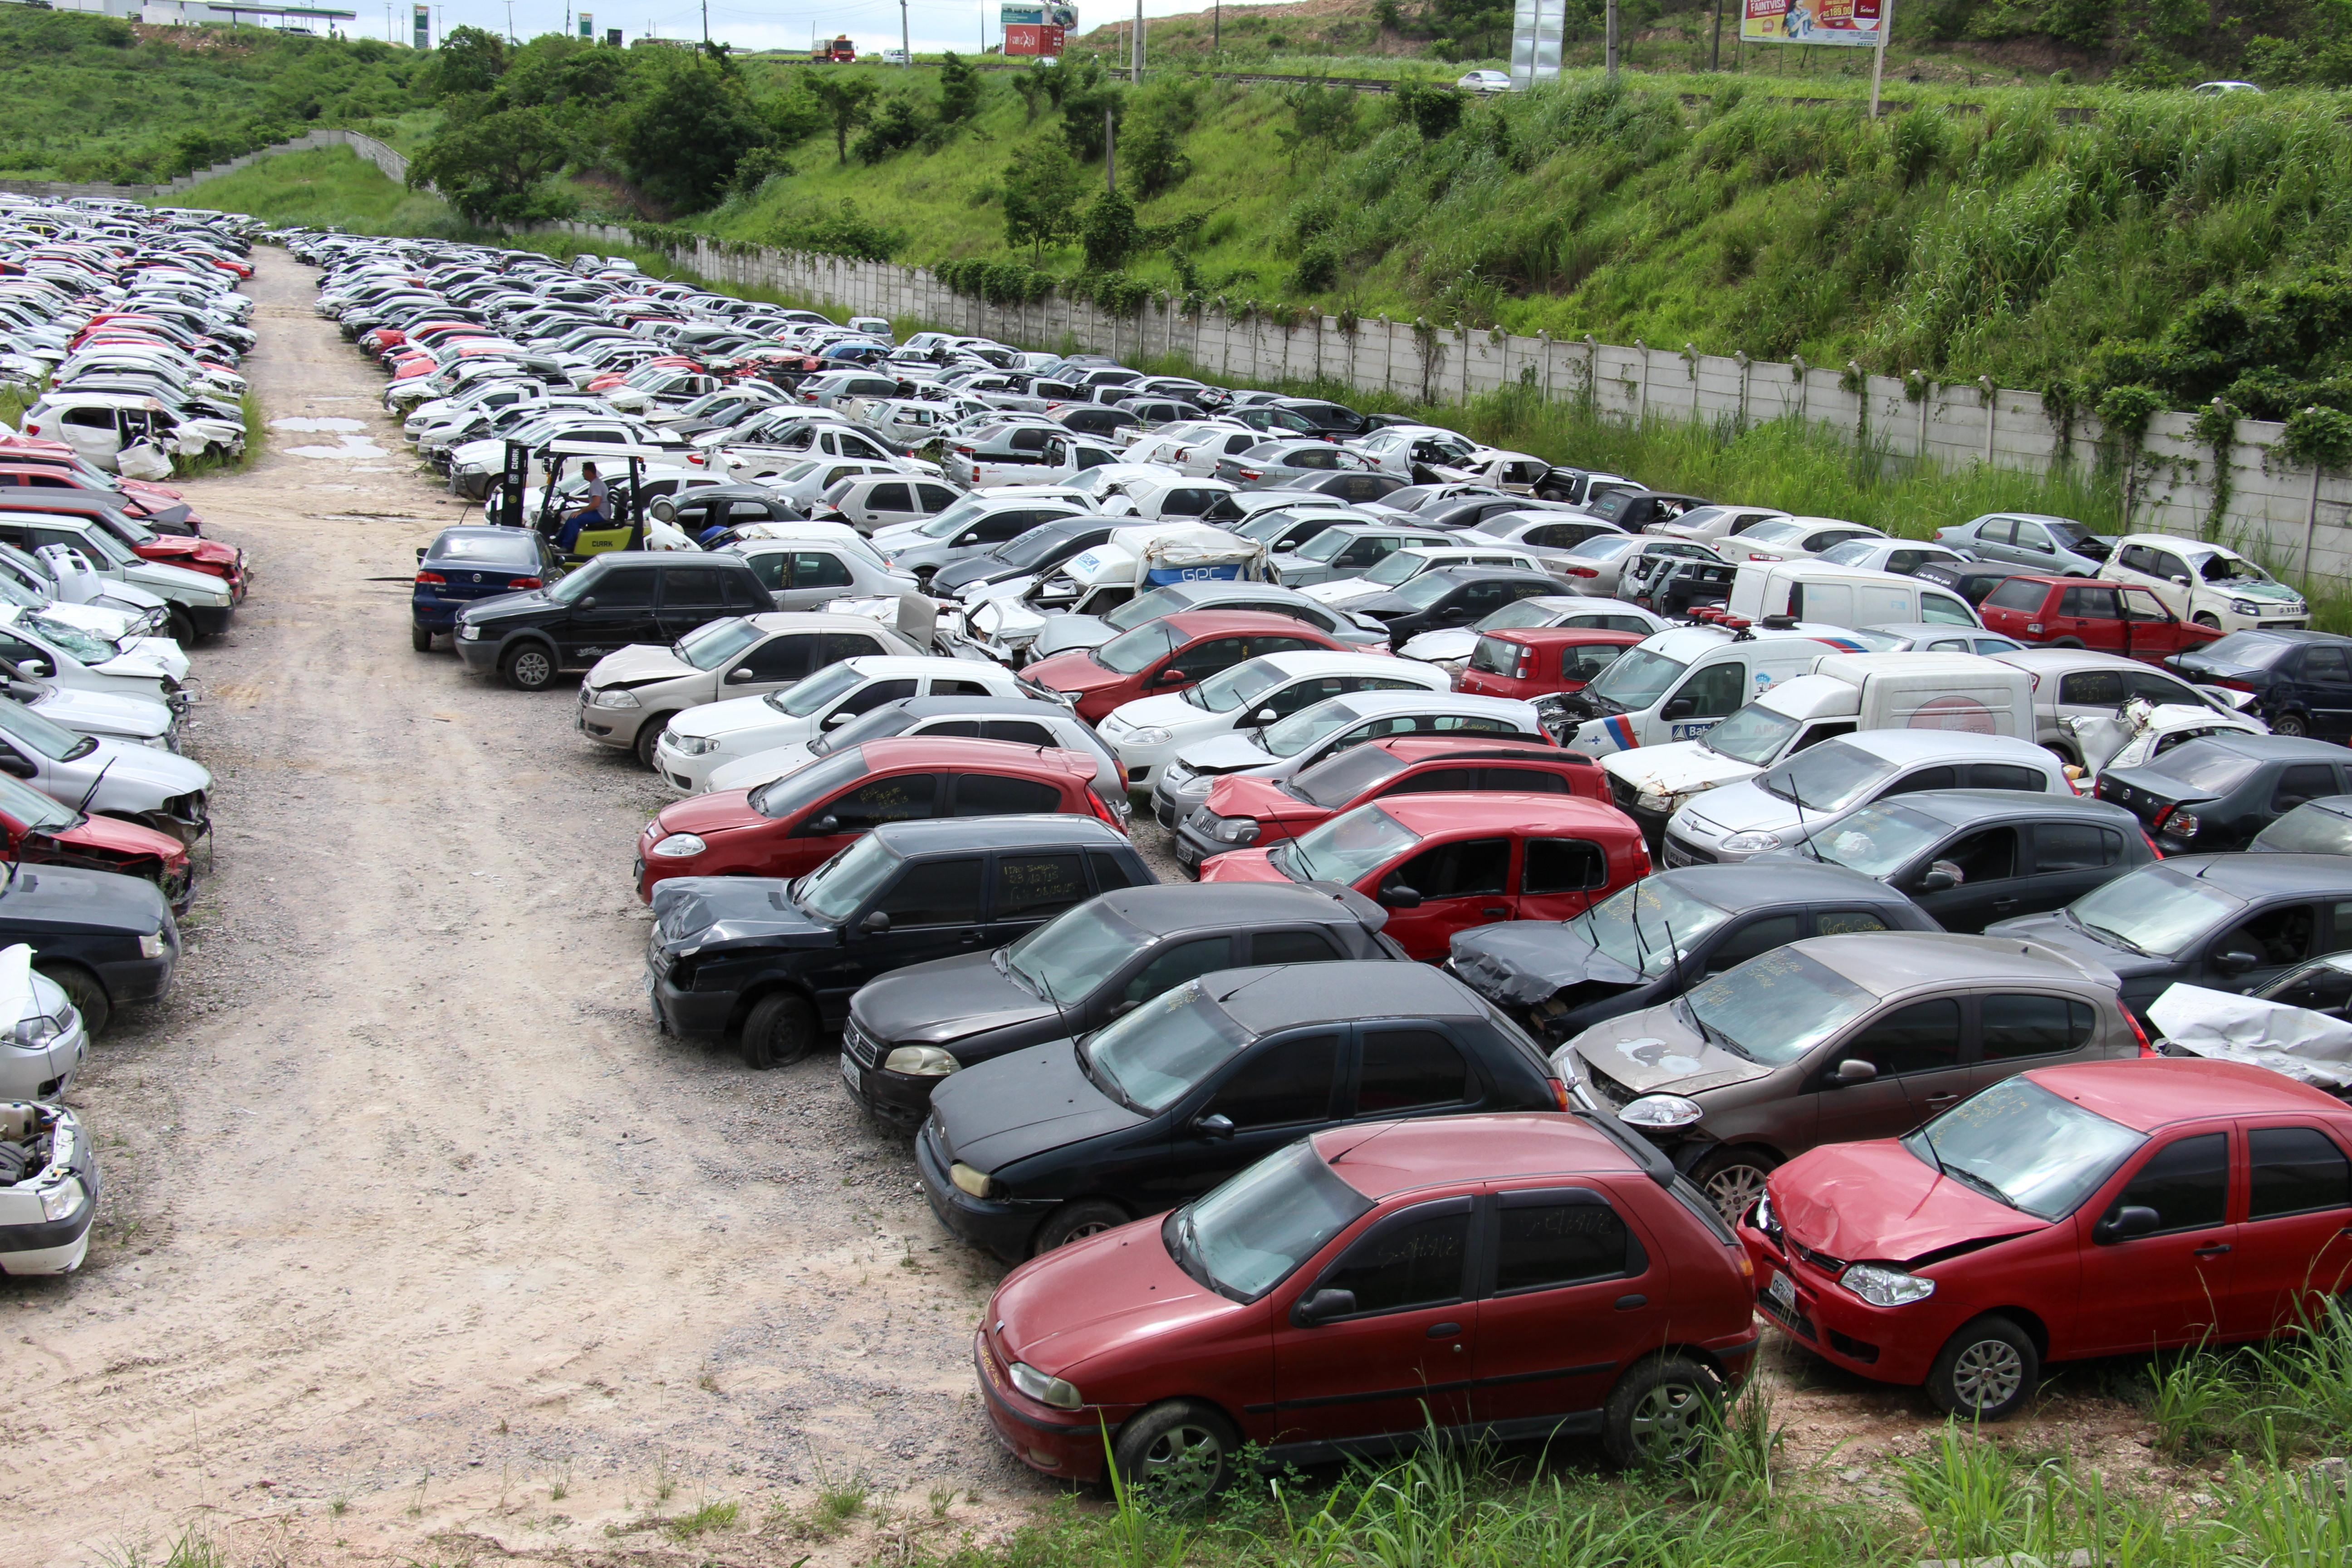 O leilão cumpre o previsto no Código de Trânsito Brasileiro, o qual versa que, após 60 dias de apreensão, os veículos não reclamados devem ser leiloados. (FOTO: PAULO MACIEL // DETRAN-PE )